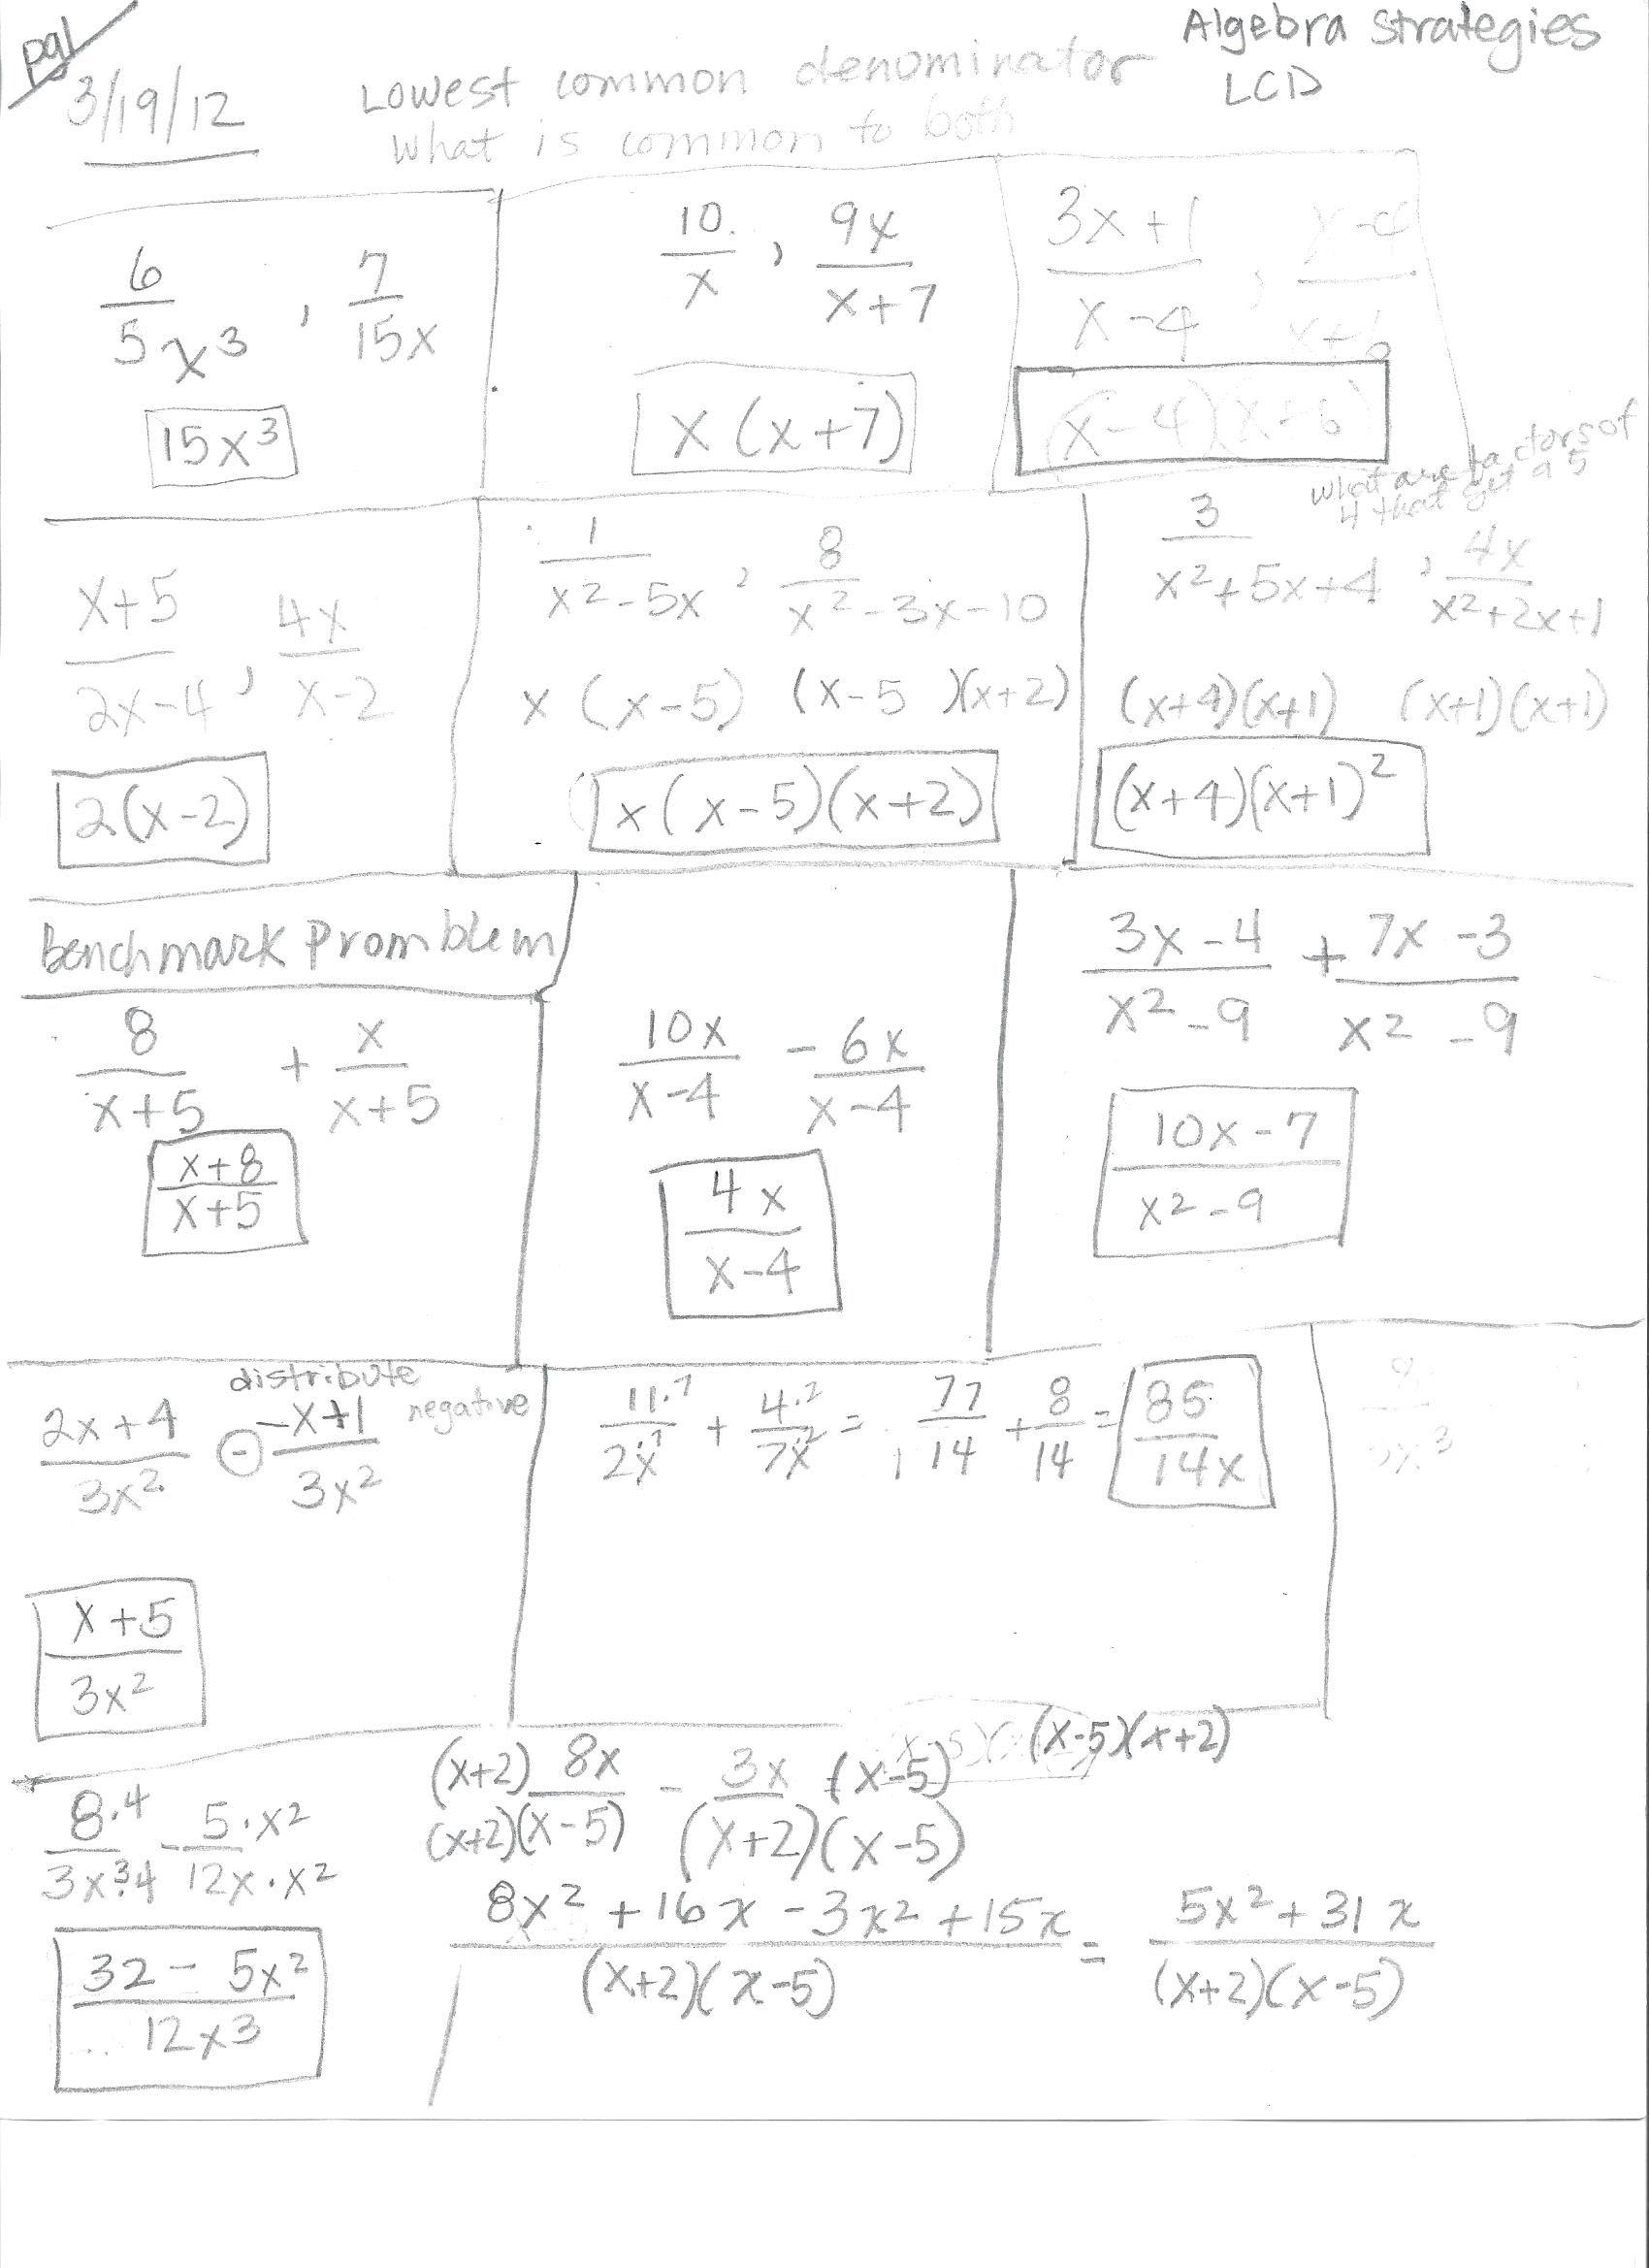 Algebra 1 - HHSResourceProgram